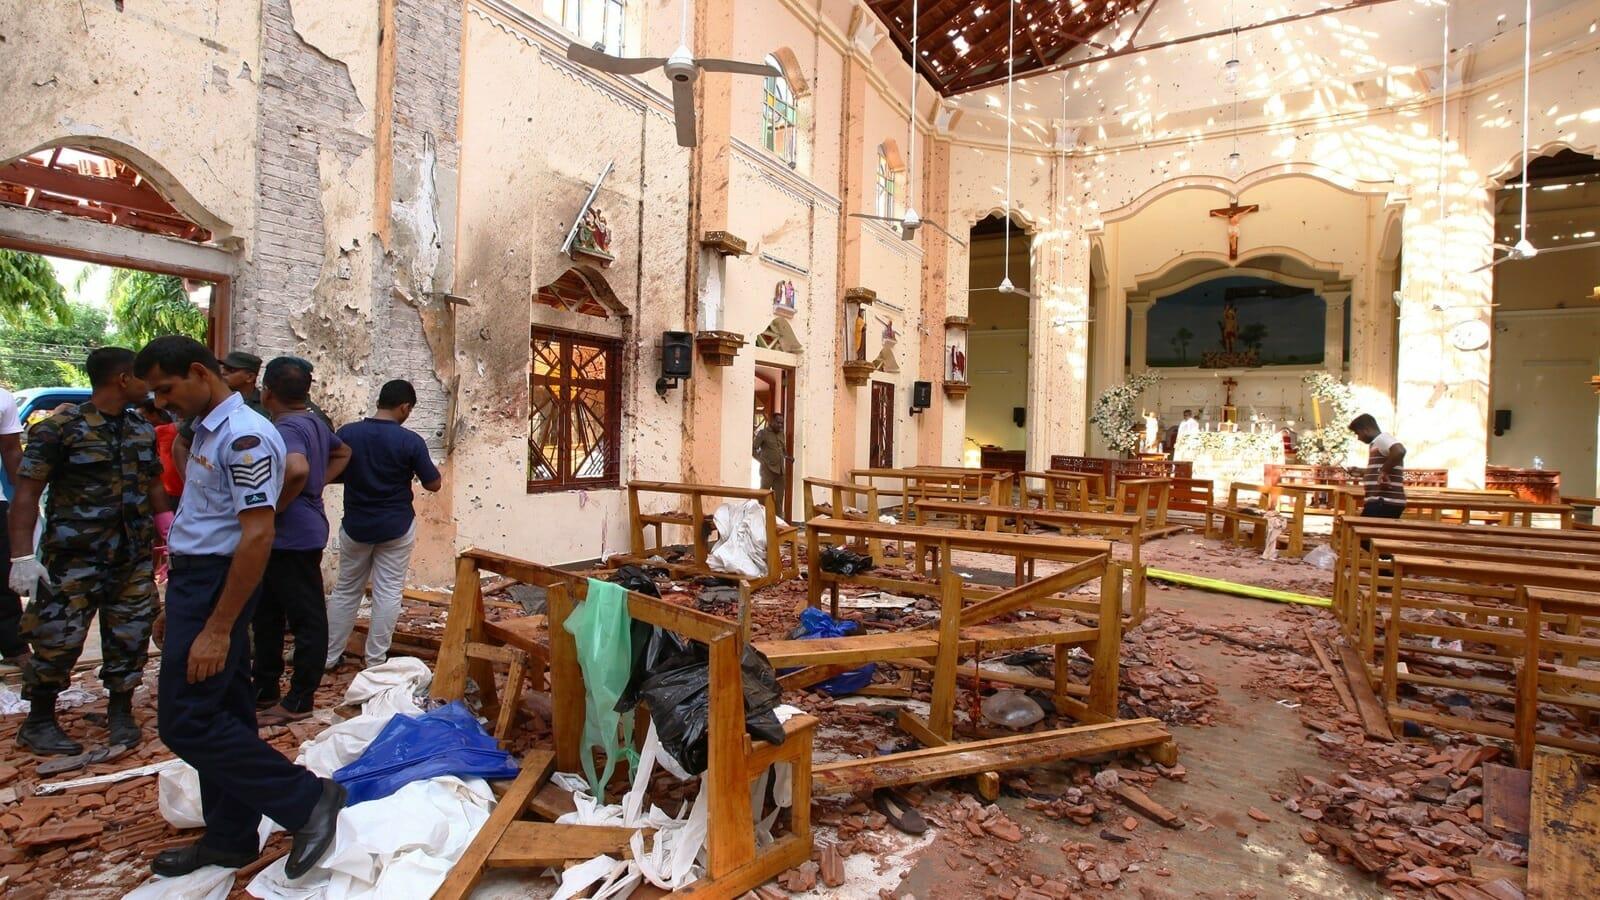 سلطنة عمان تُصدر بياناً حول تفجيرات سريلانكا وتكشف مصير مواطنيها الزائرين